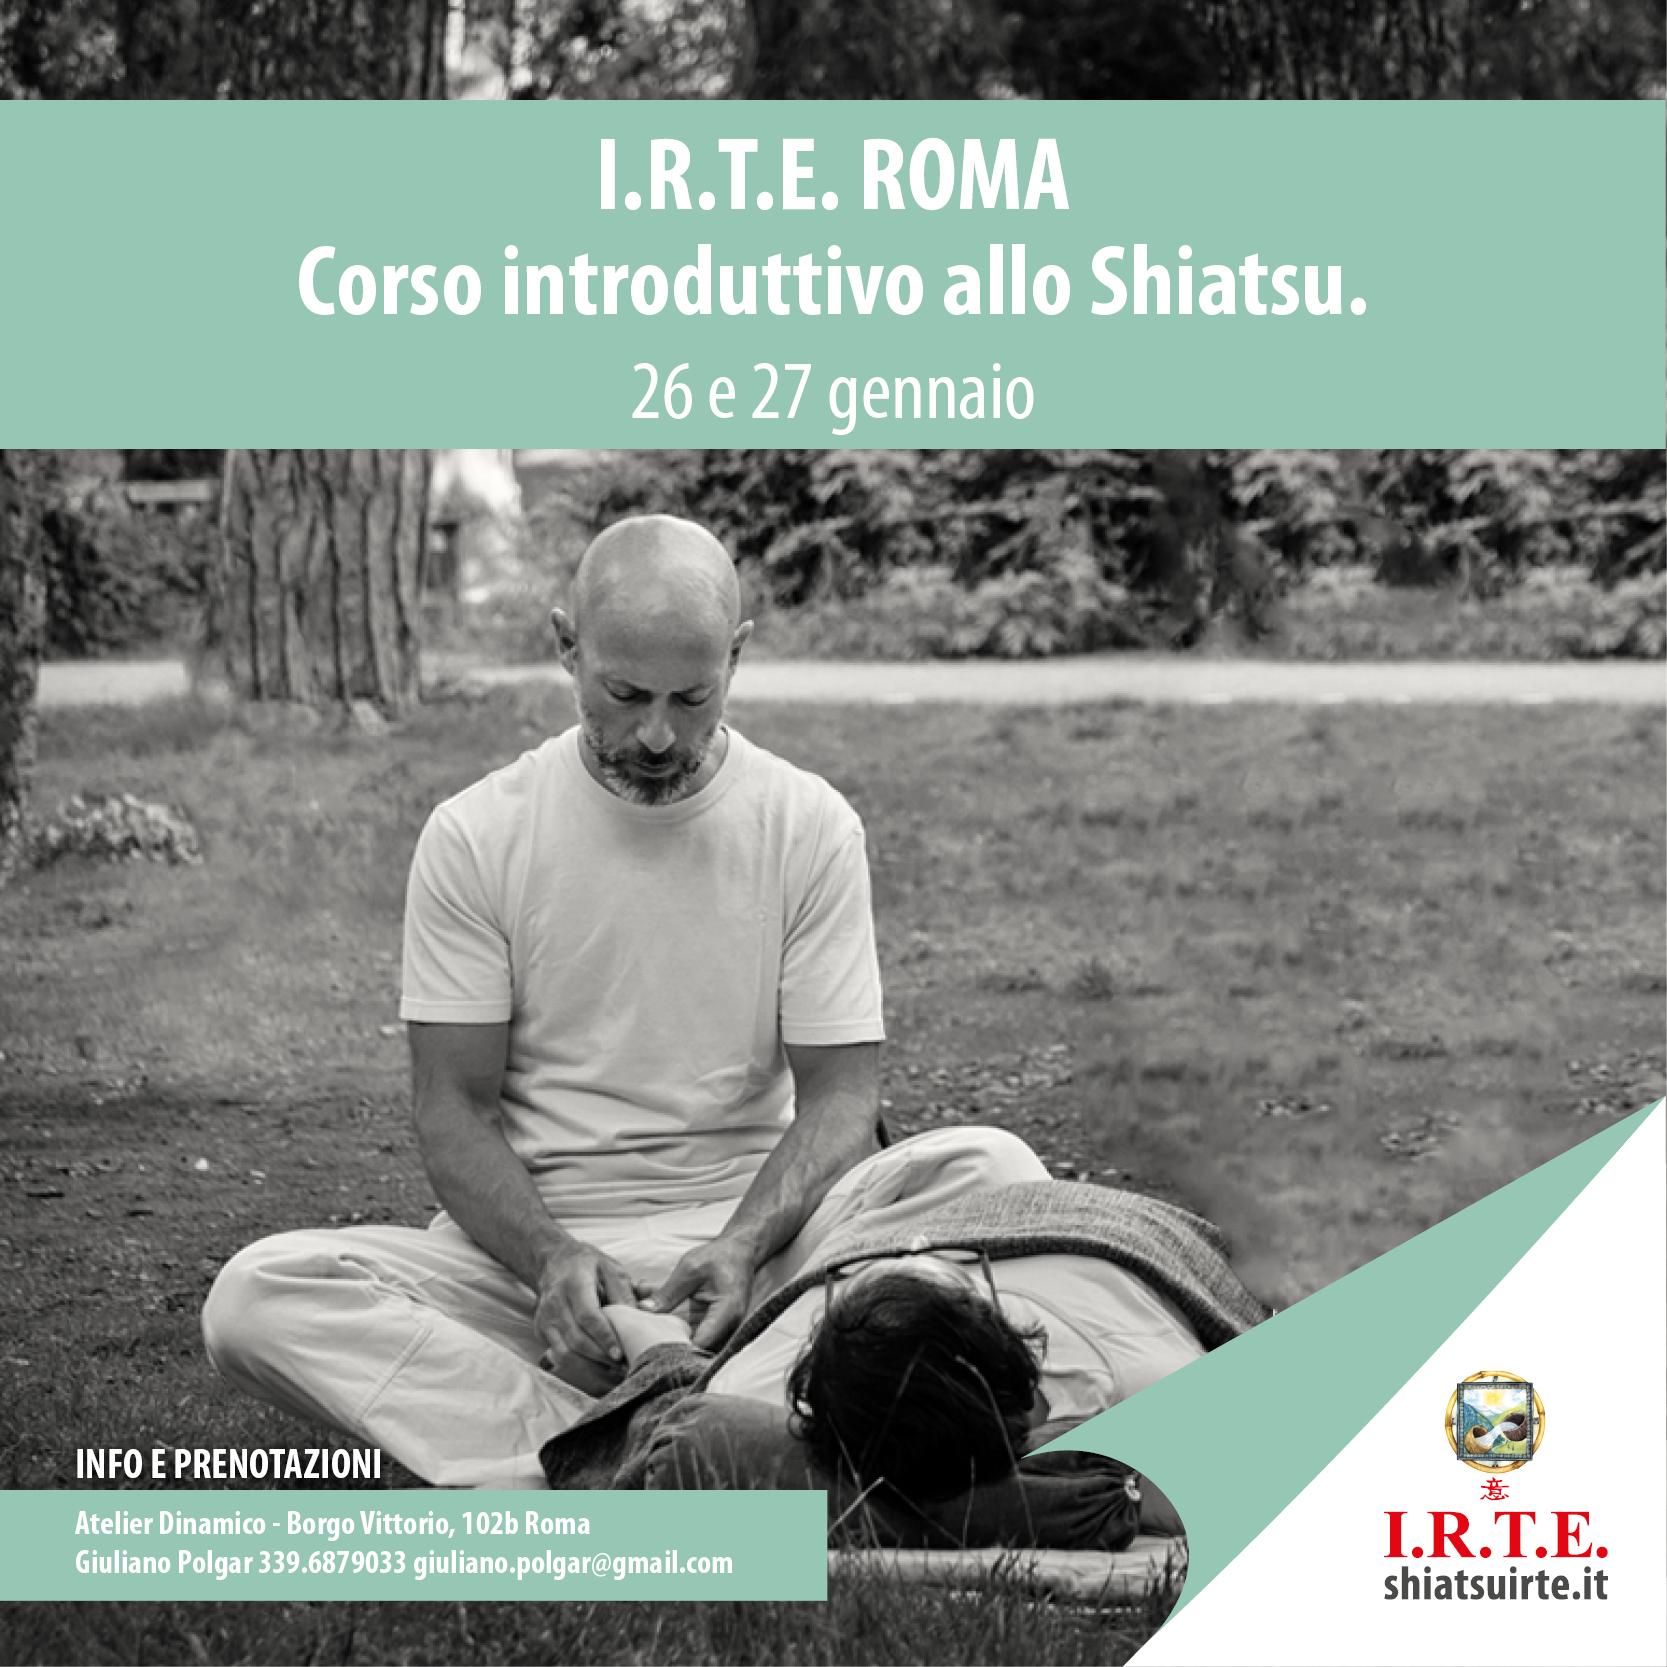 Corso introduttivo allo Shiatsu, a Roma